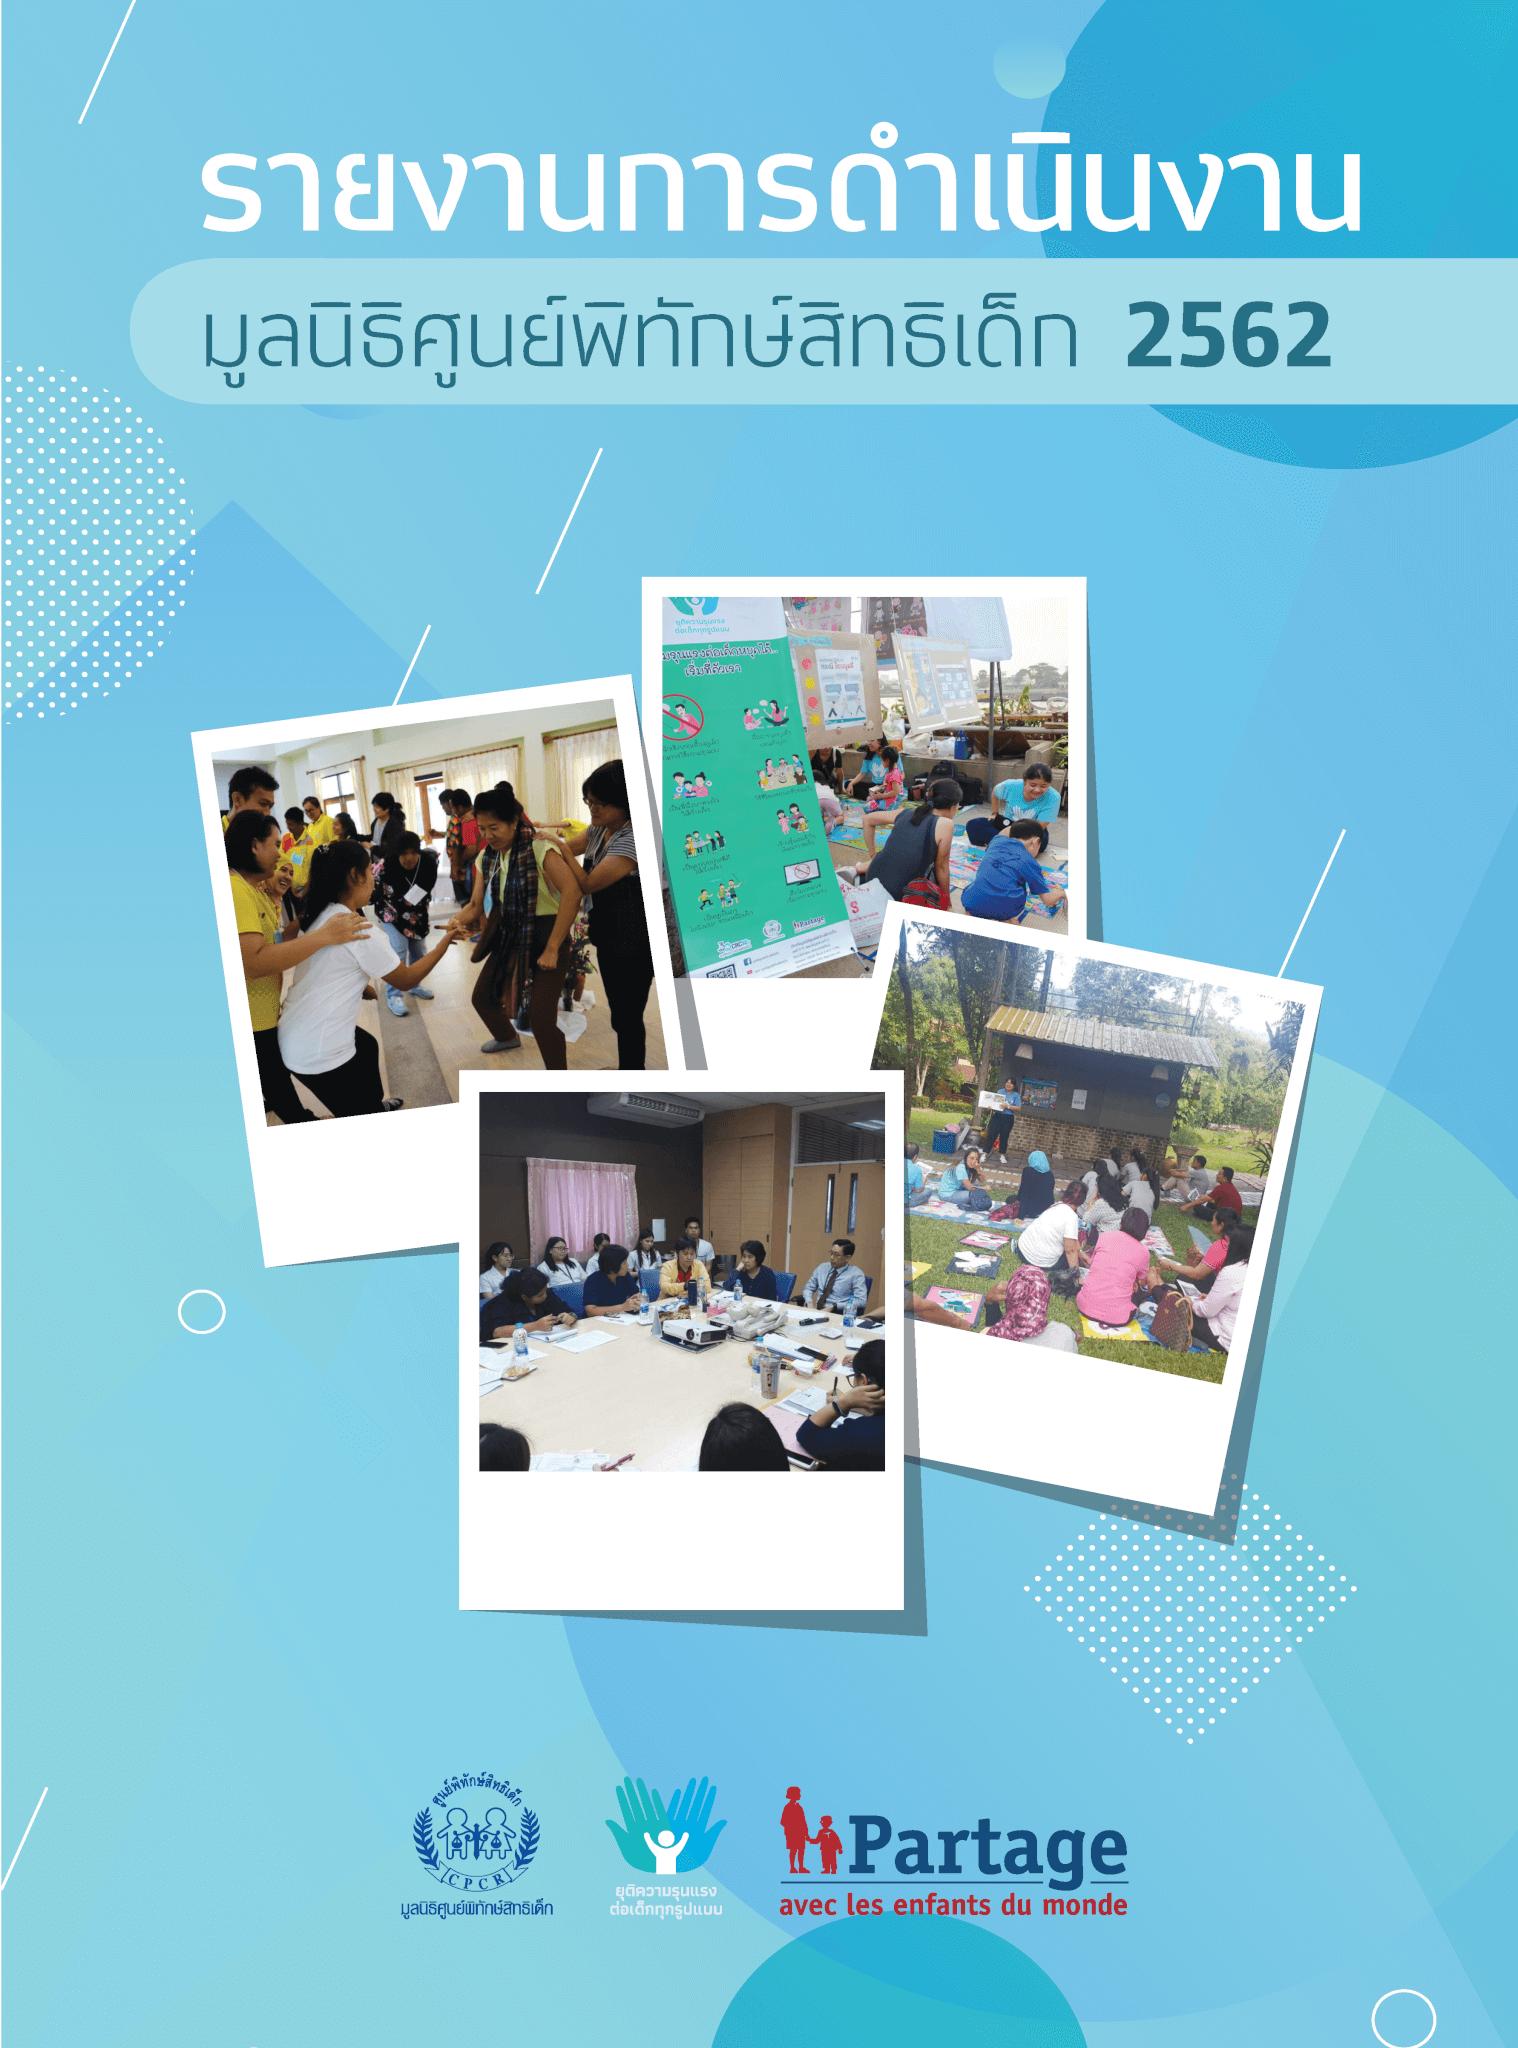 รายงานการดำเนินงานของมูลนิธิศูนย์พิทักษ์สิทธิเด็ก ประจำปี 2562